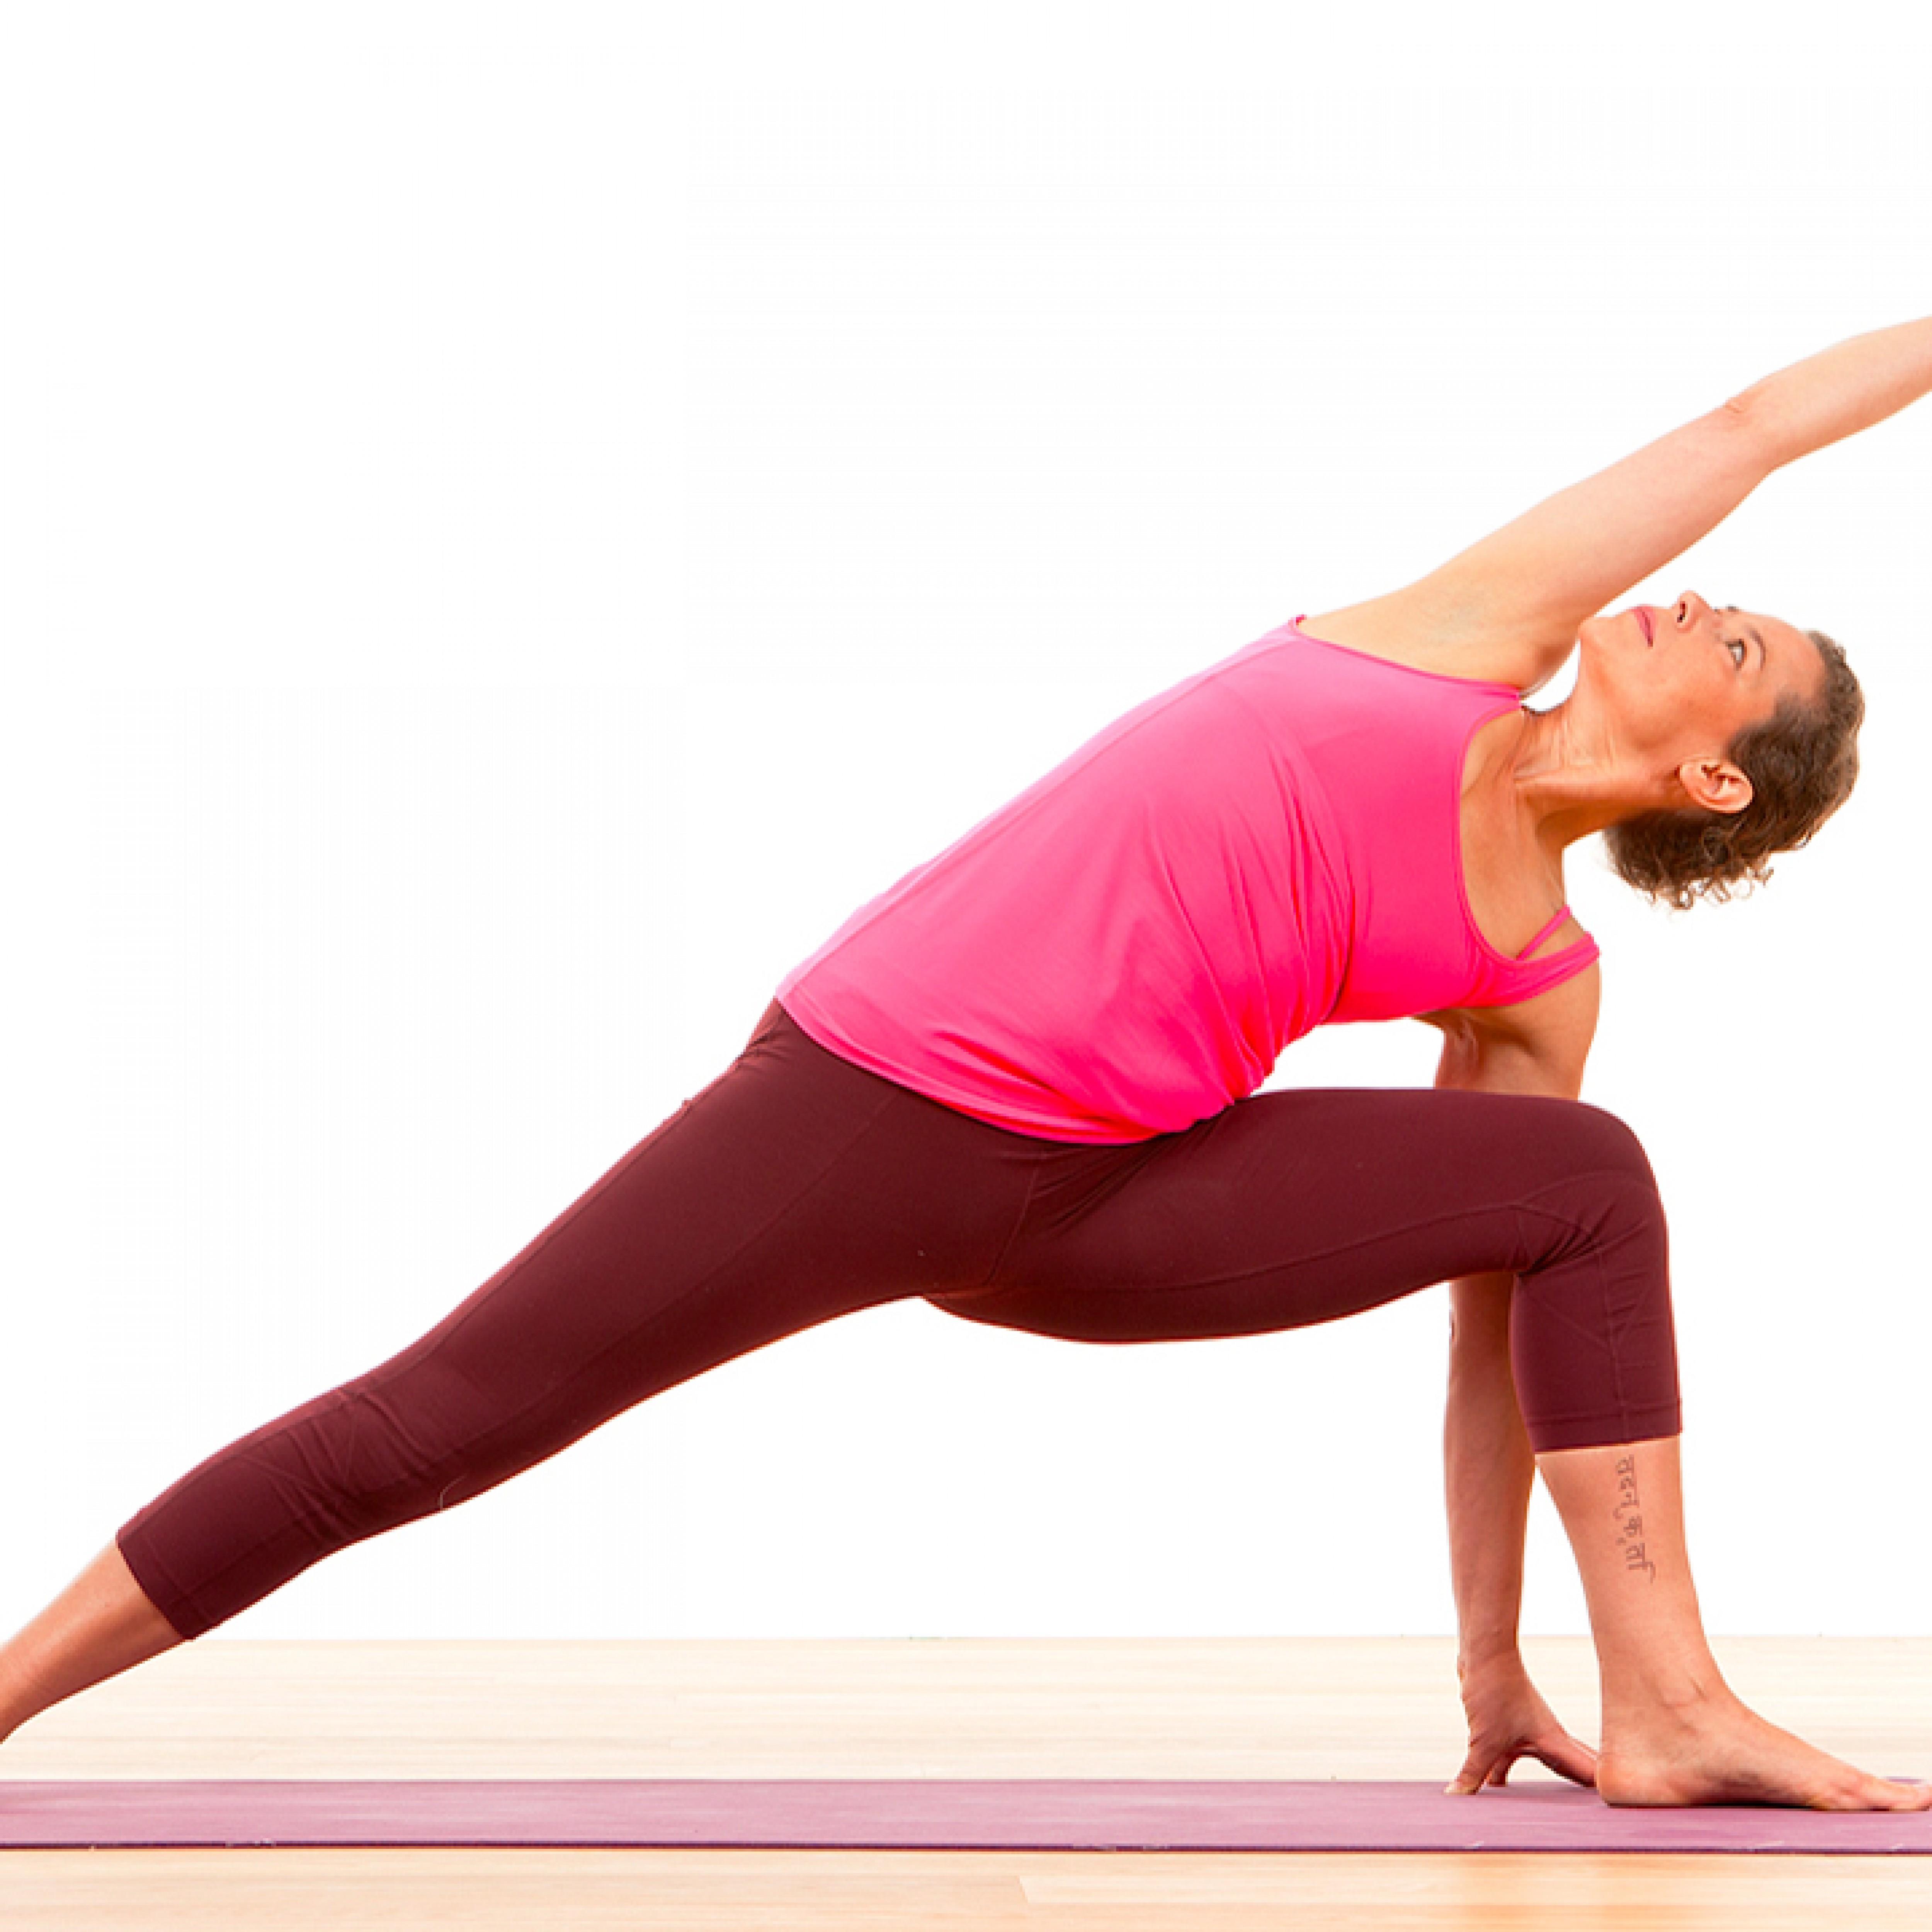 Пауэр Йога Похудение. Силовая йога: описание комплекса упражнений для начинающих. 120 фото и основные отличия от классической практики